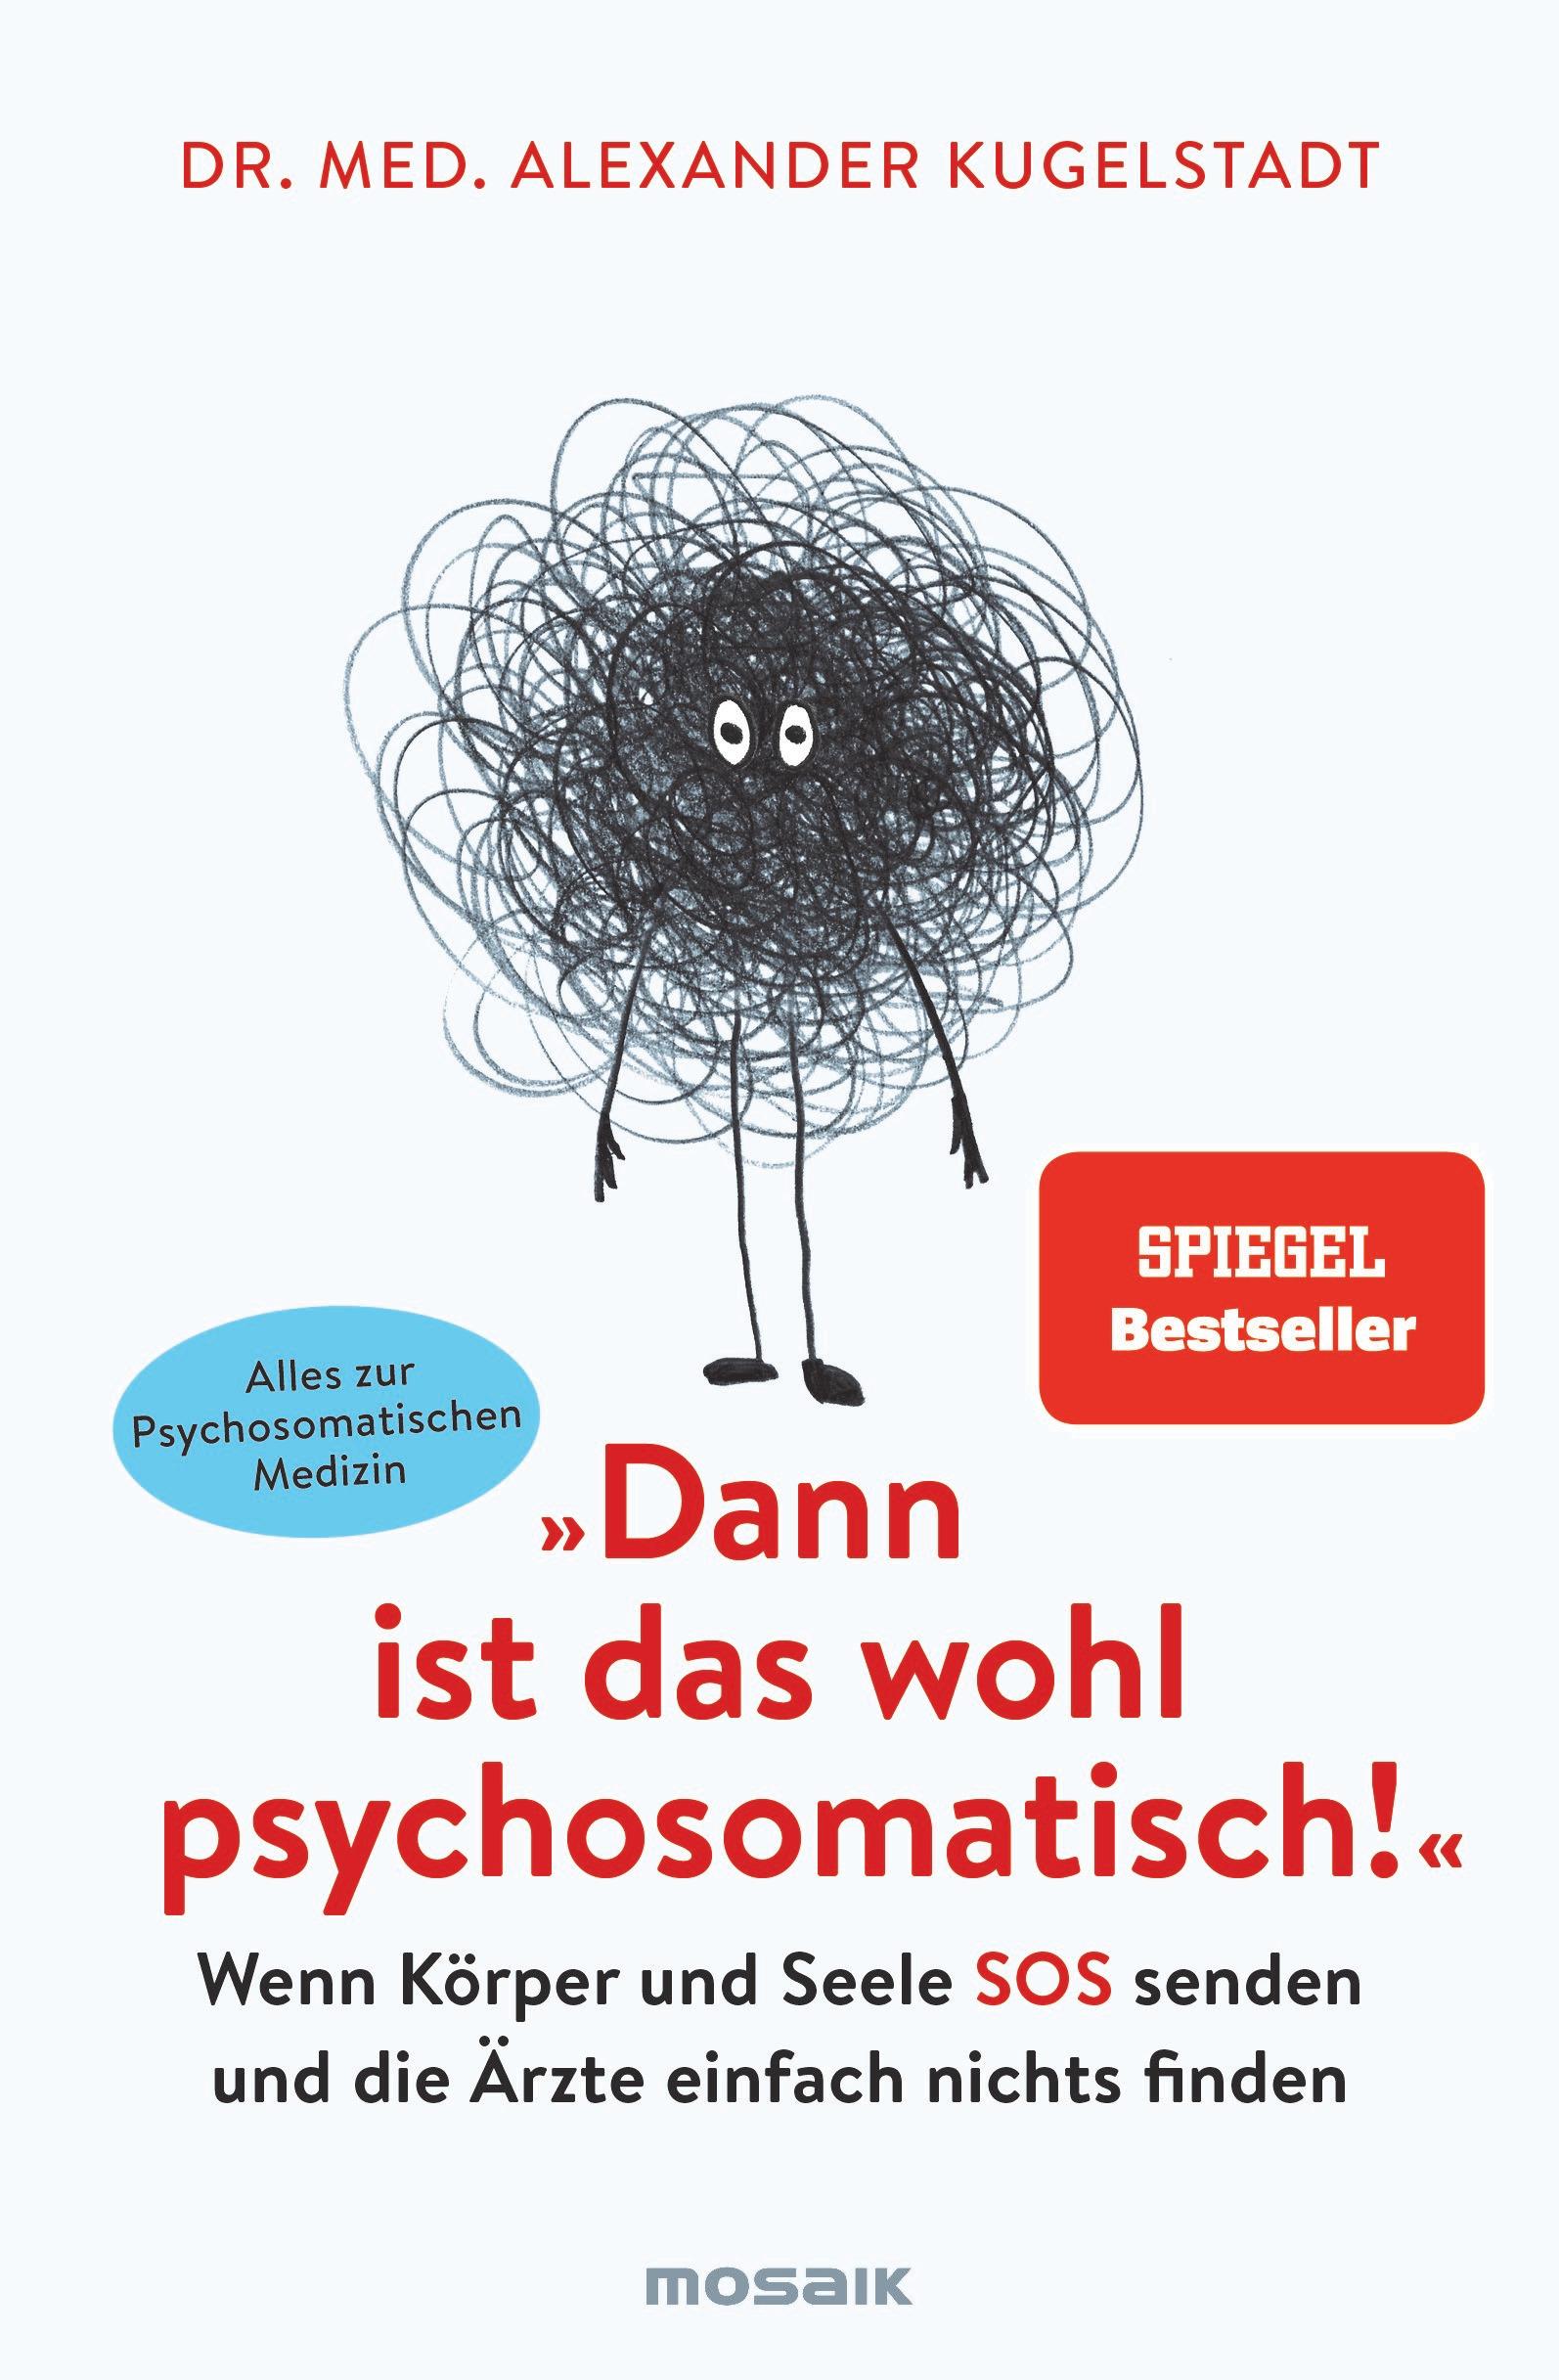 Danke! Mein Buch ist die zweite Woche SPIEGEL-Bestseller!